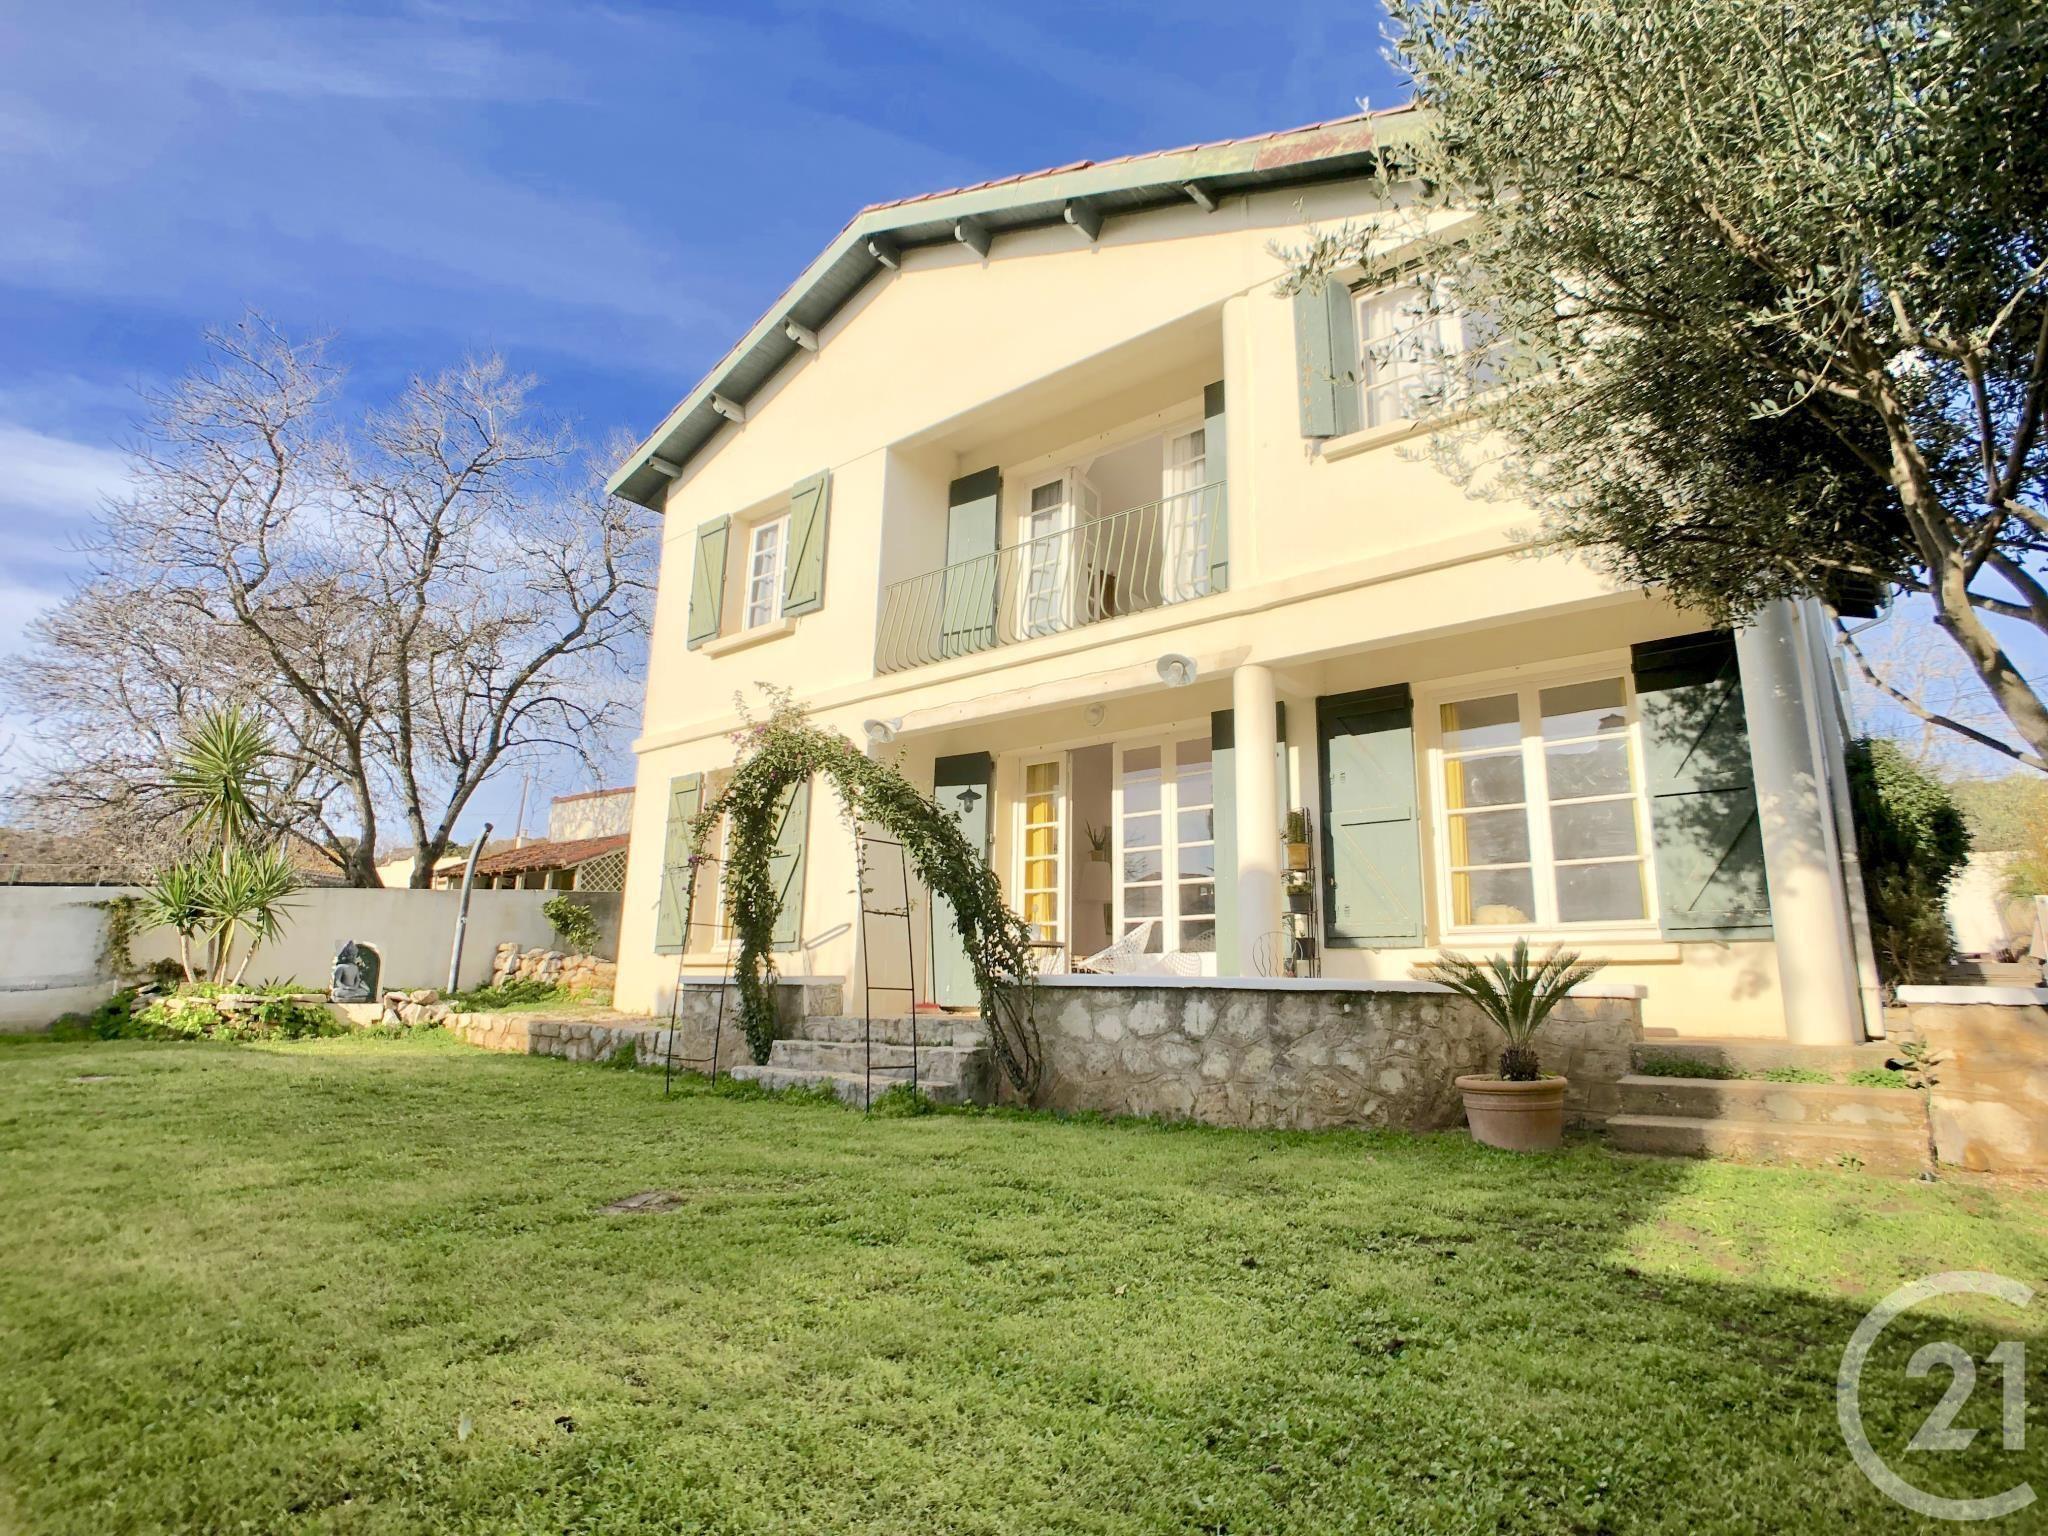 Maison 6 Pièces à Vendre Sete 34200 Ref 12337 Century 21 Maison De Vacances Maison Style Maison